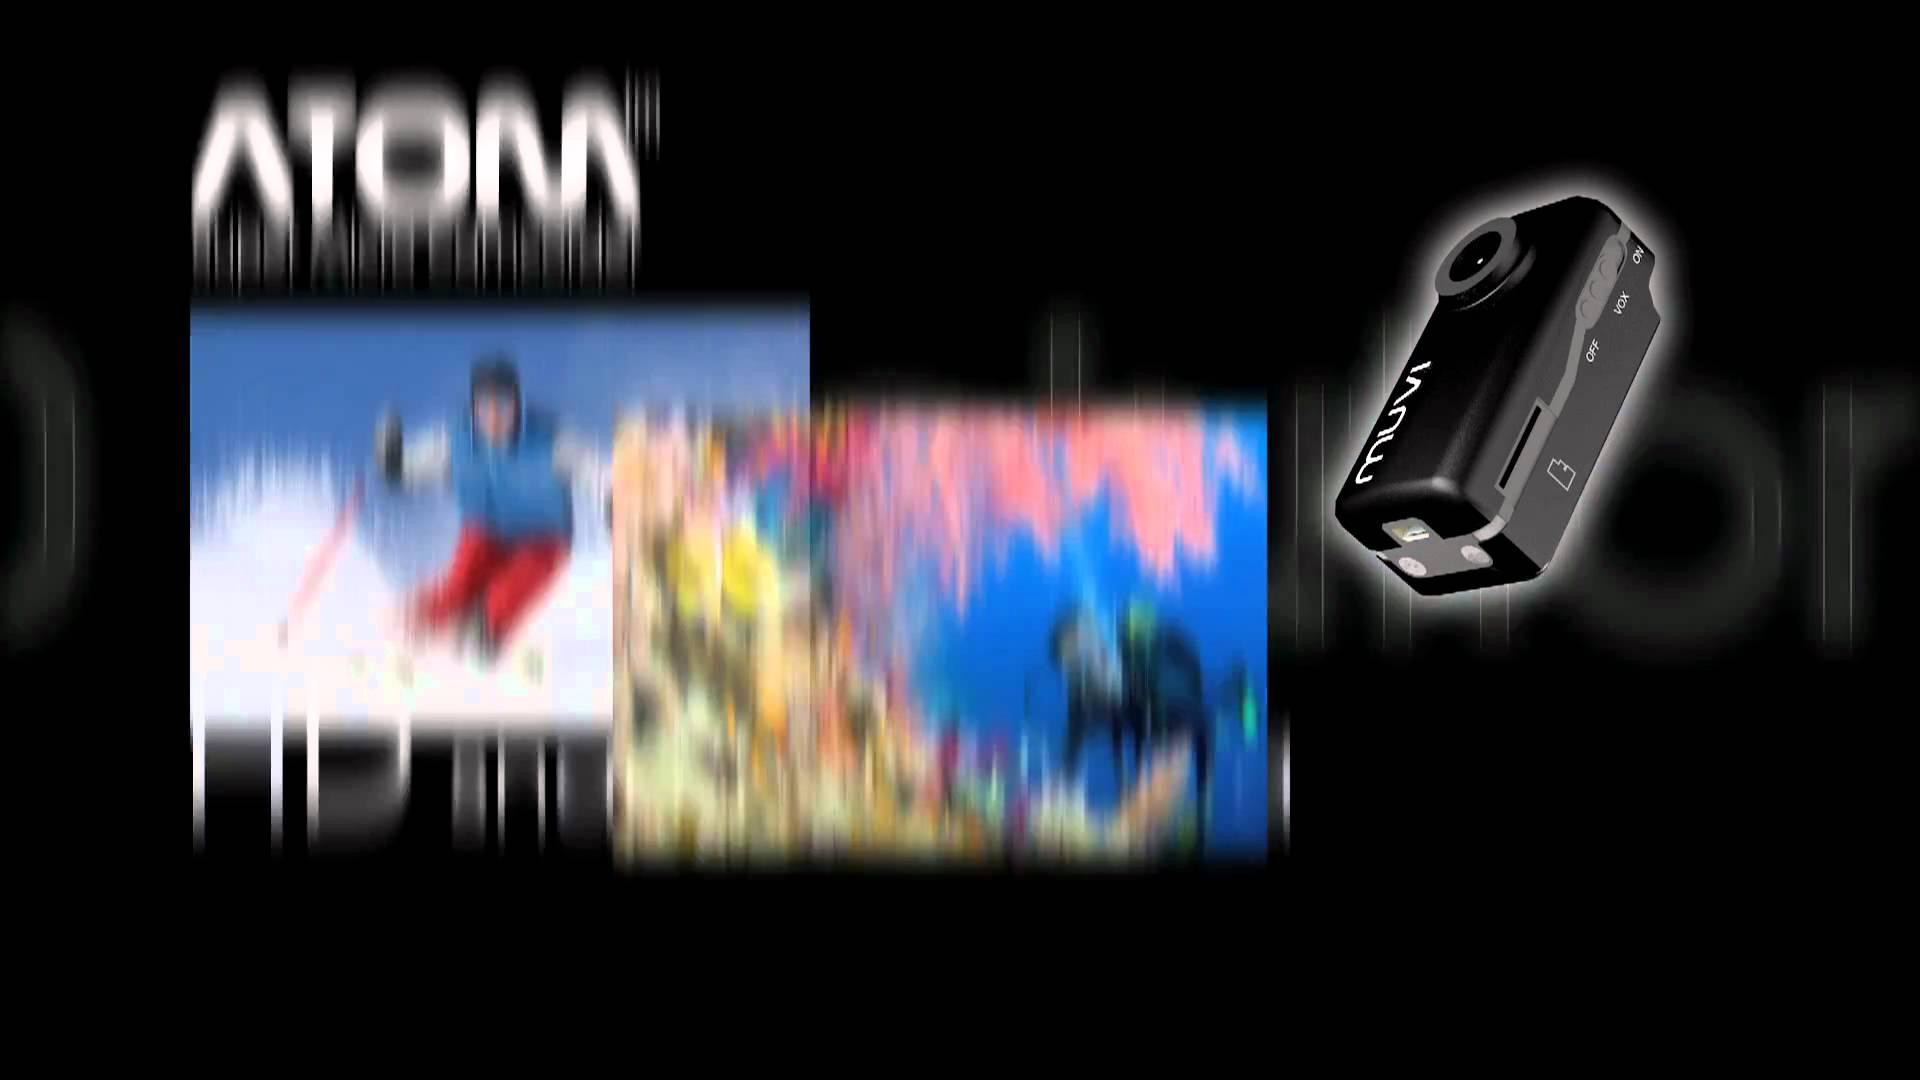 Veho VCC-004 Muvi Atom Super micro camcorder